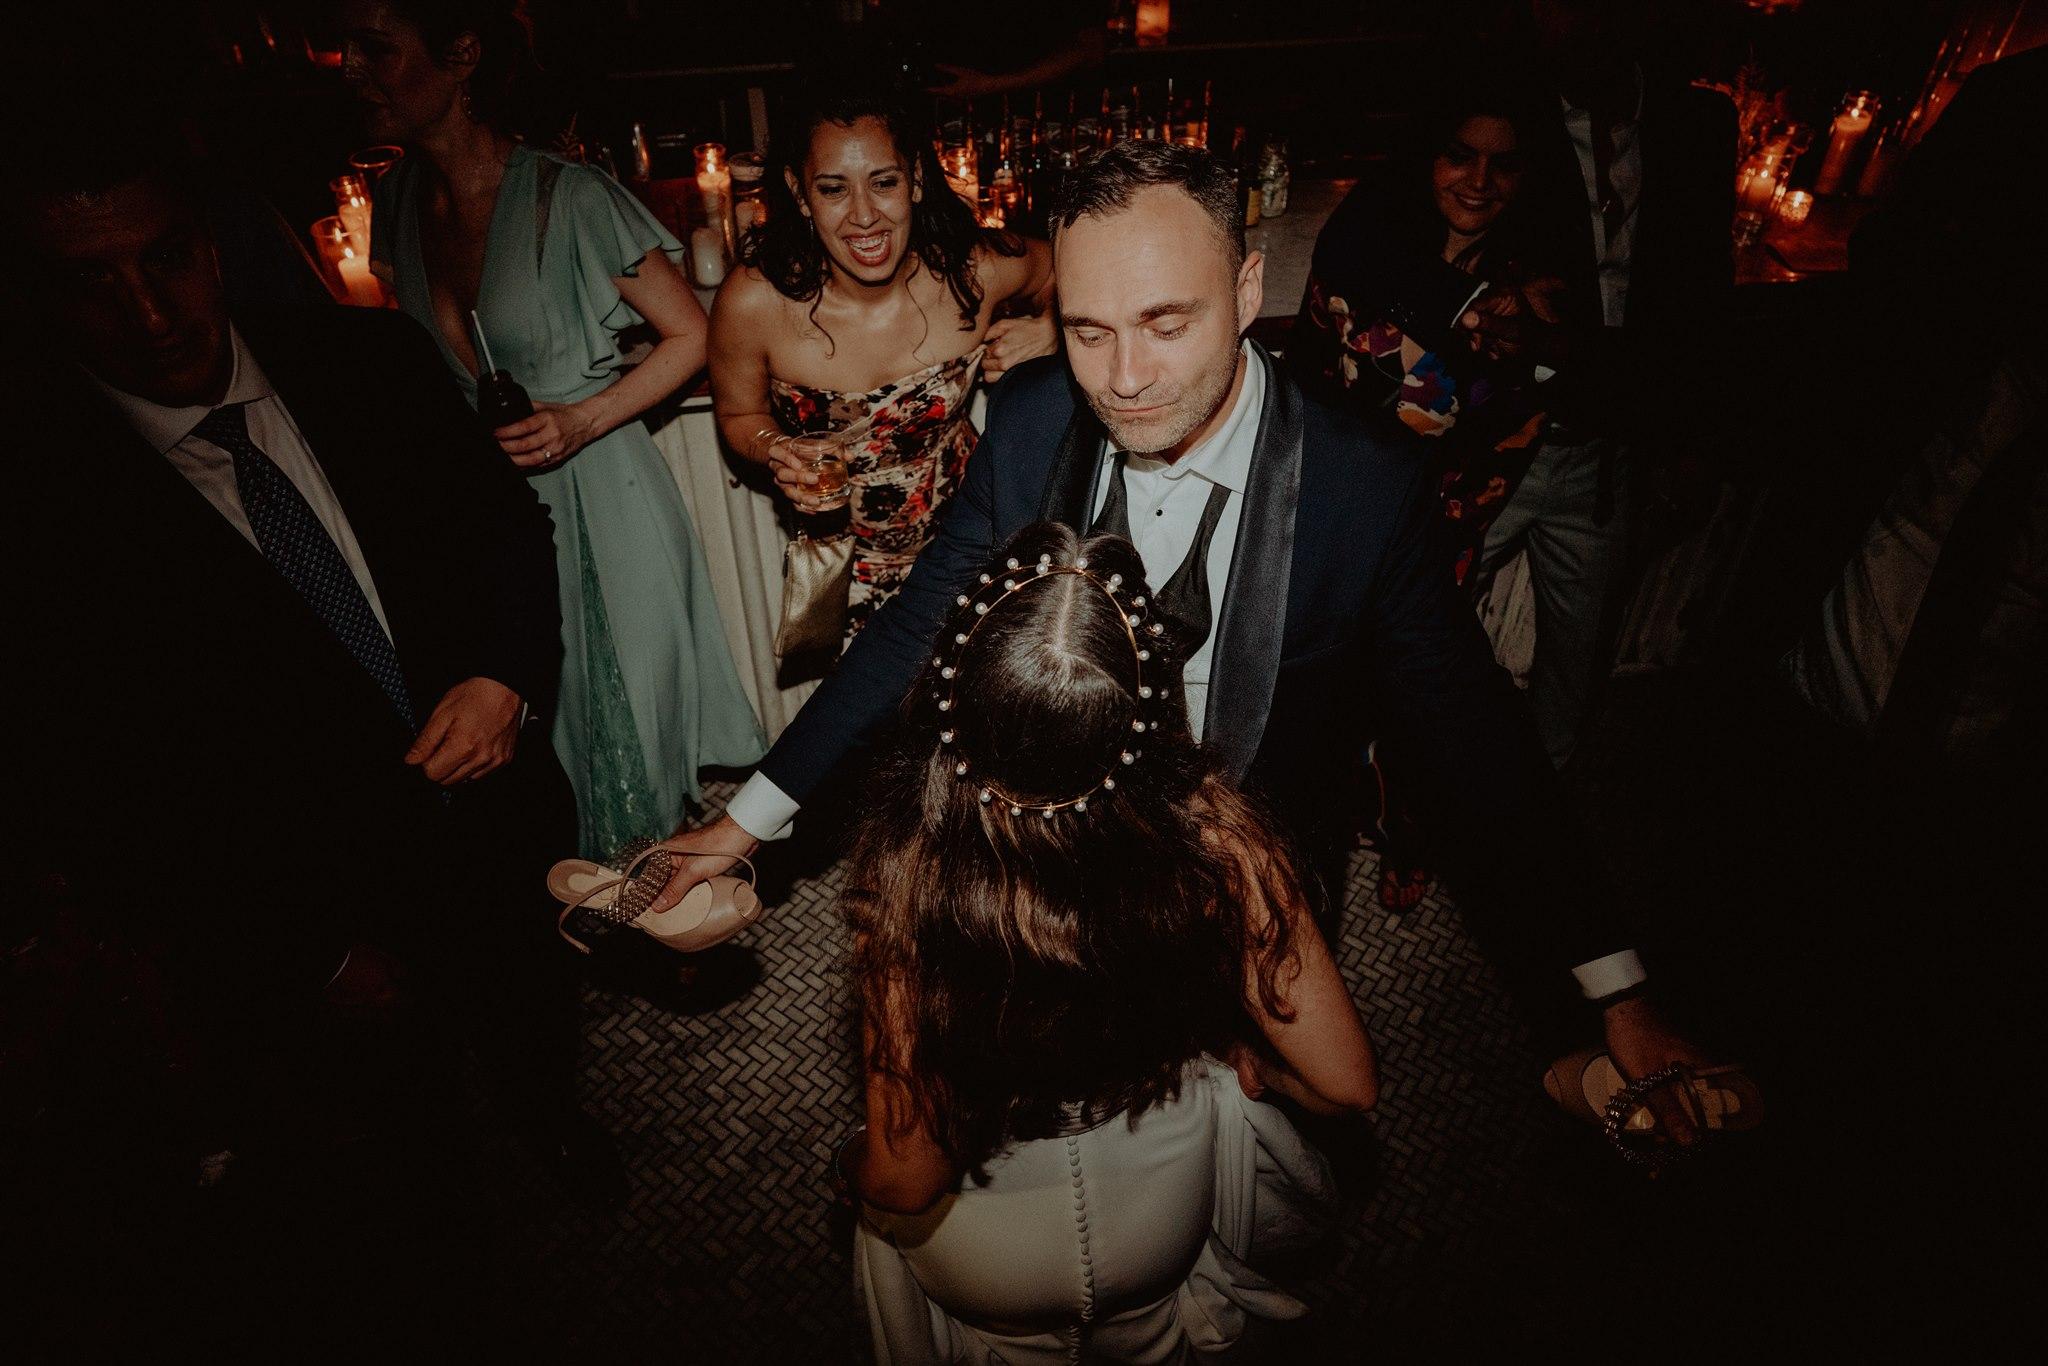 Chellise_Michael_Photography_Ramona_Brooklyn_Wedding_Photographer-838.jpg